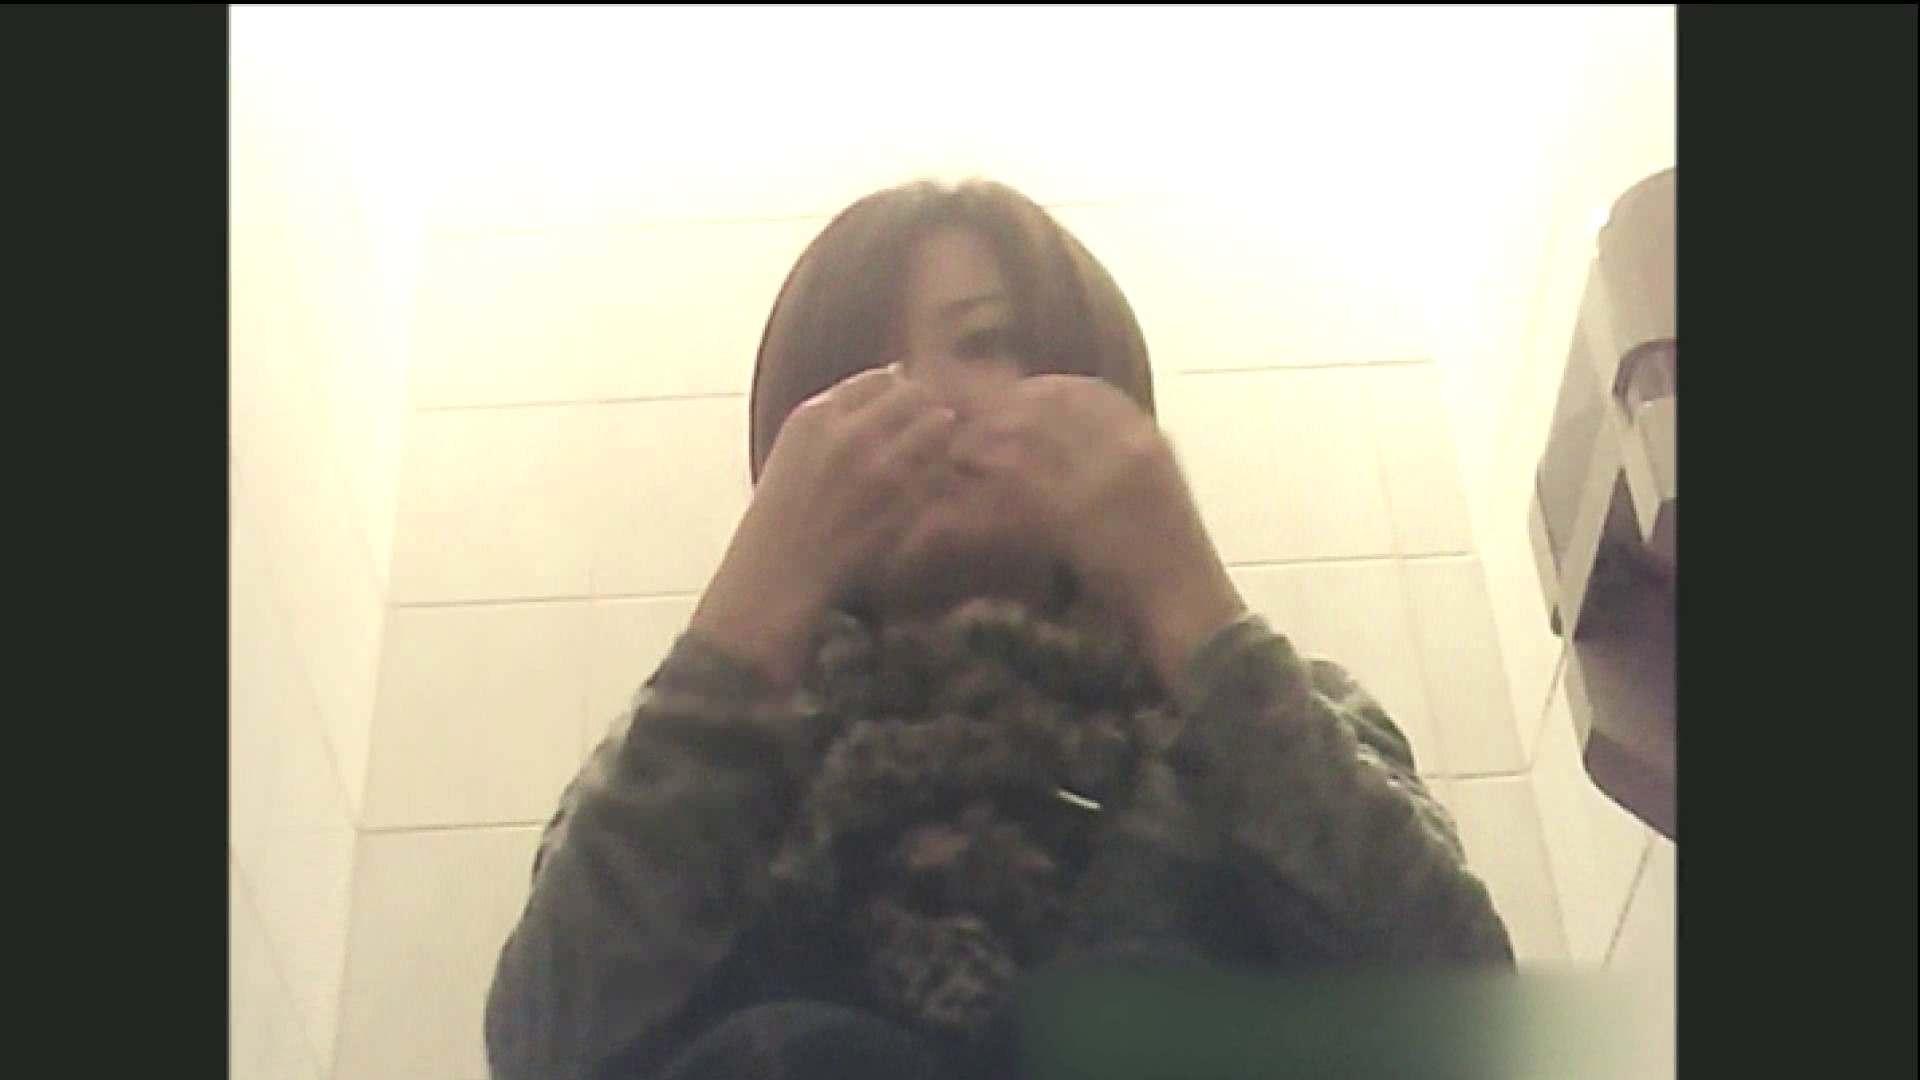 実録!!綺麗なお姉さんのトイレ事情・・・。vol.10 OLエロ画像 盗撮ヌード画像 92PICs 82